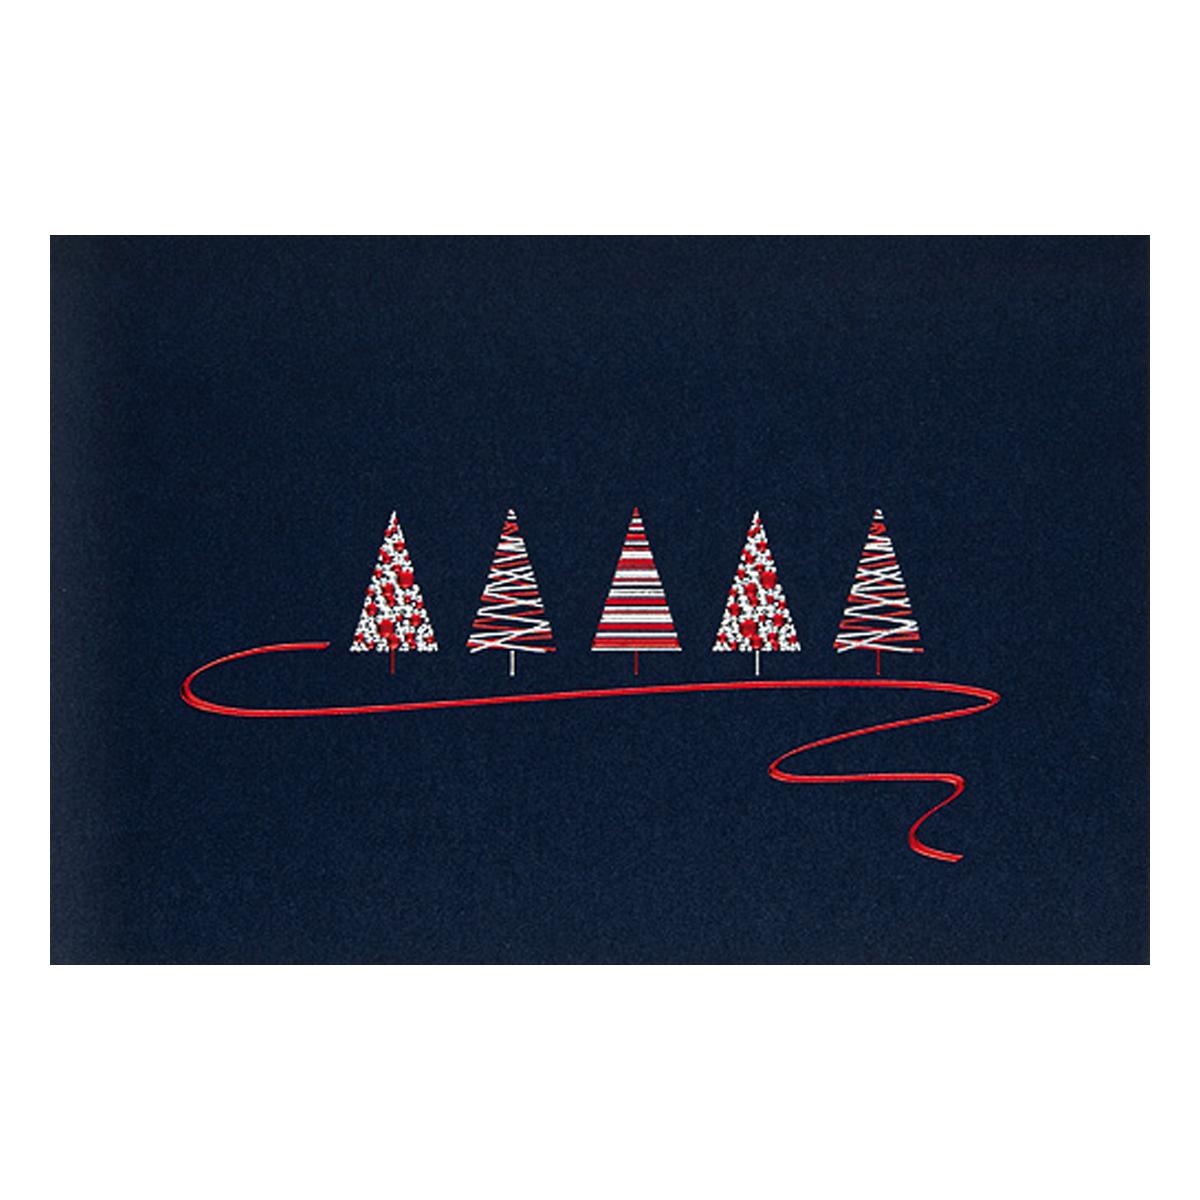 Rote Weihnachtskarten.Weihnachtskarte Moderne Tannenbäume Auf Dunkelblauem Karton Rote Und Silberne Folie